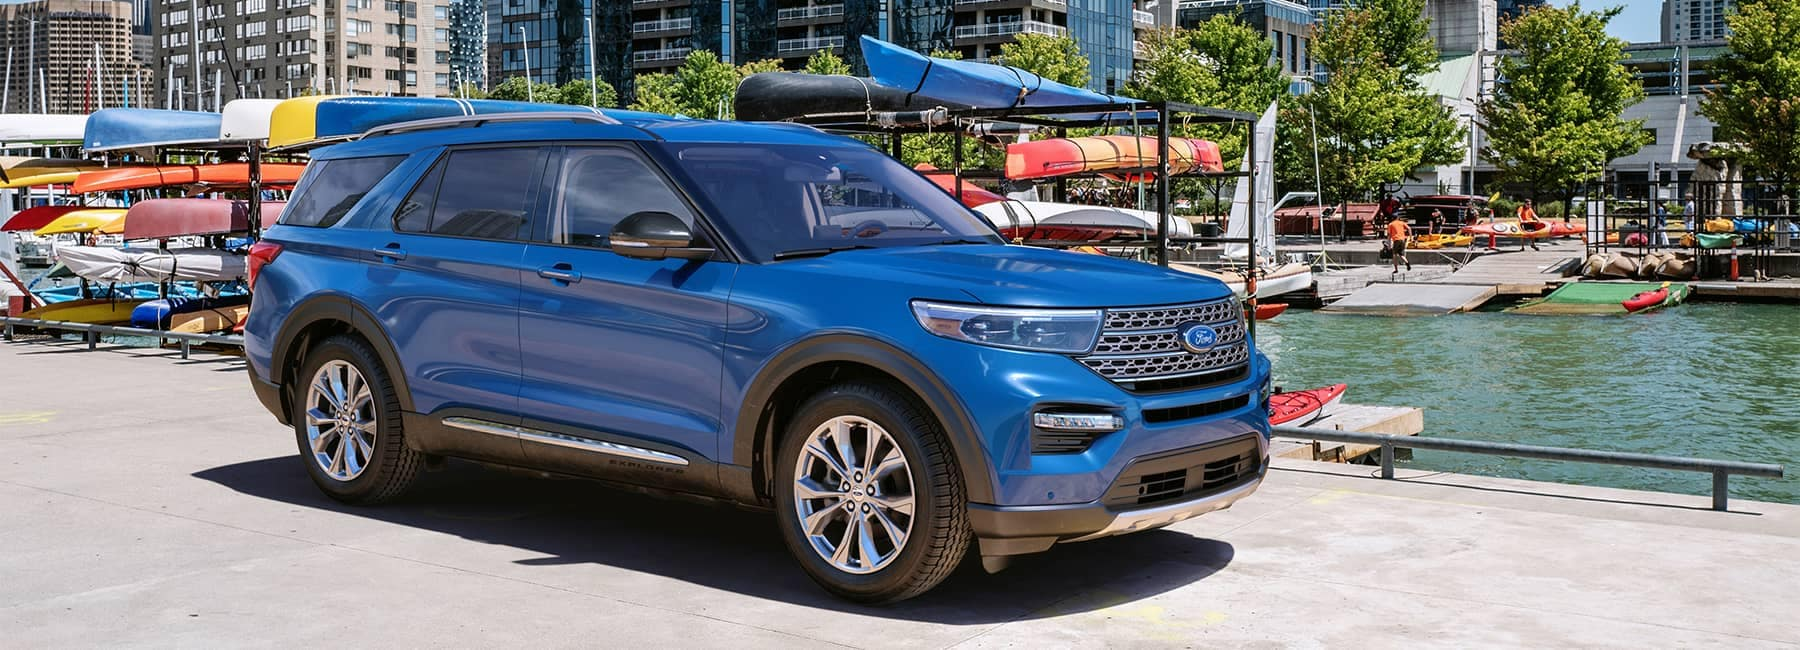 2020 Ford Explorer in Atlas Blue